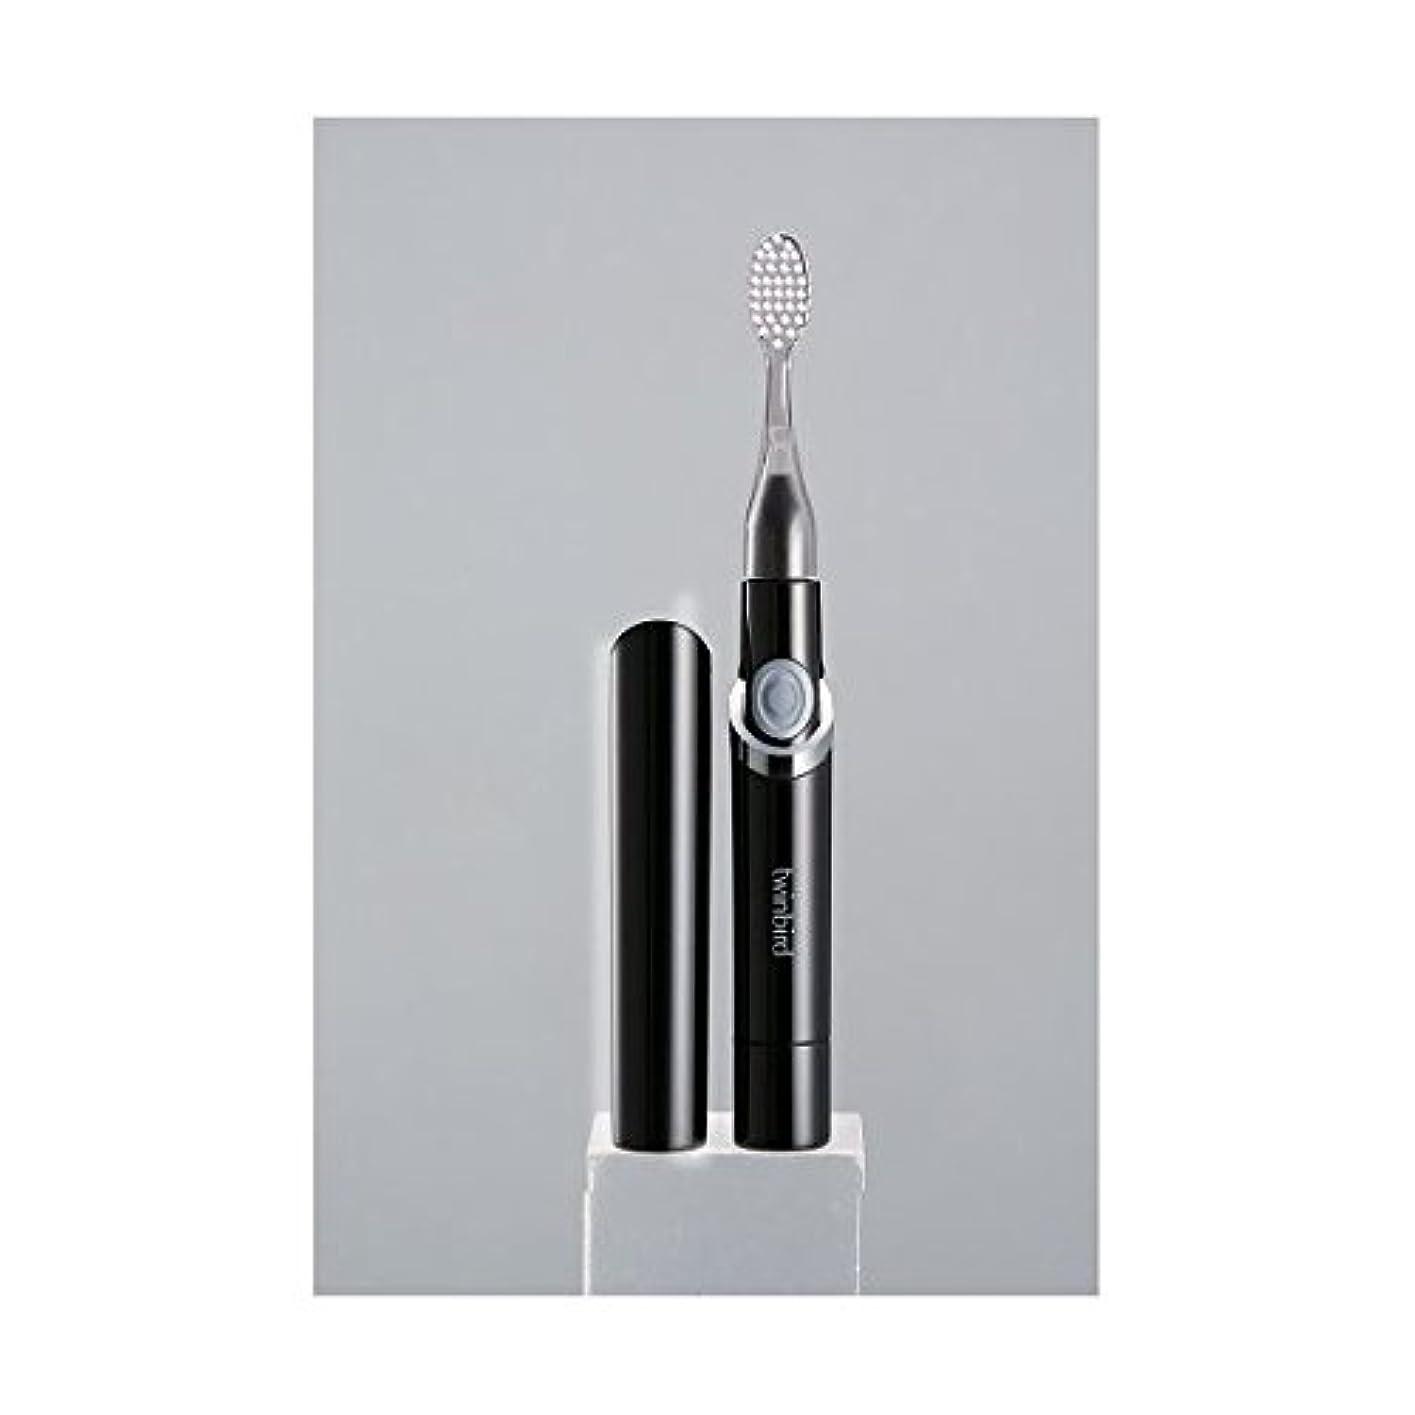 ようこそ入る吹きさらし(まとめ)ツインバード 音波振動式歯ブラシ ブラック BD-2741B【×2セット】 ダイエット 健康 オーラルケア 歯ブラシ [並行輸入品]